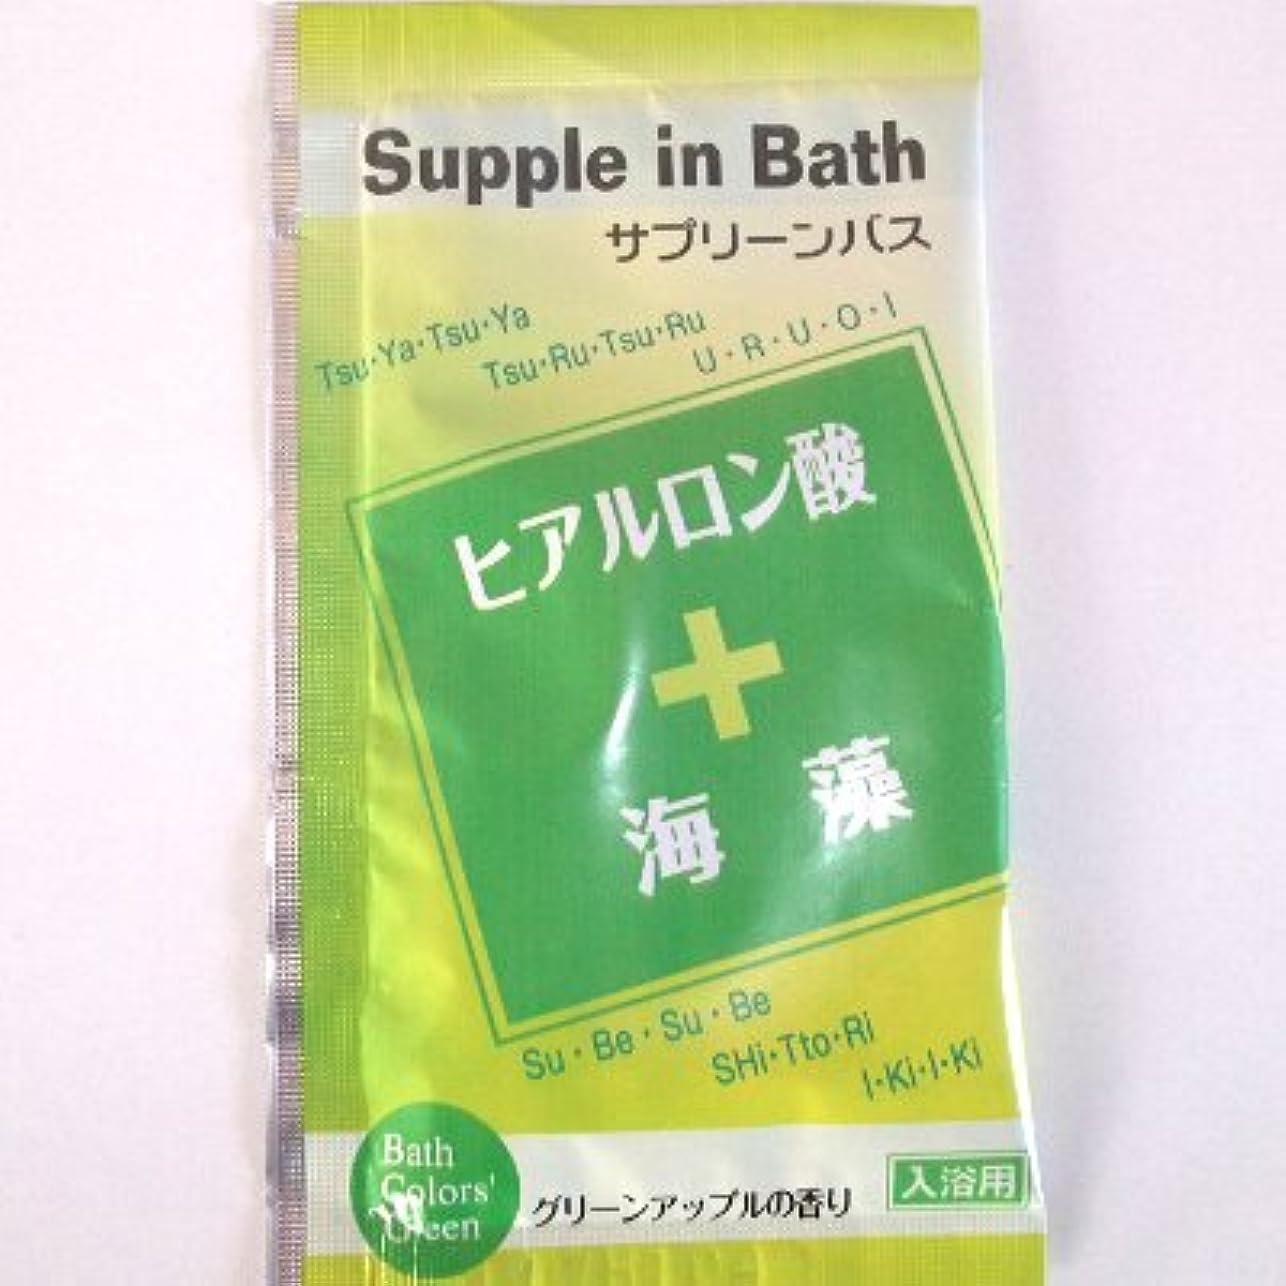 ぐるぐる一杯汚いサプリーンバス ヒアルロン酸+海藻